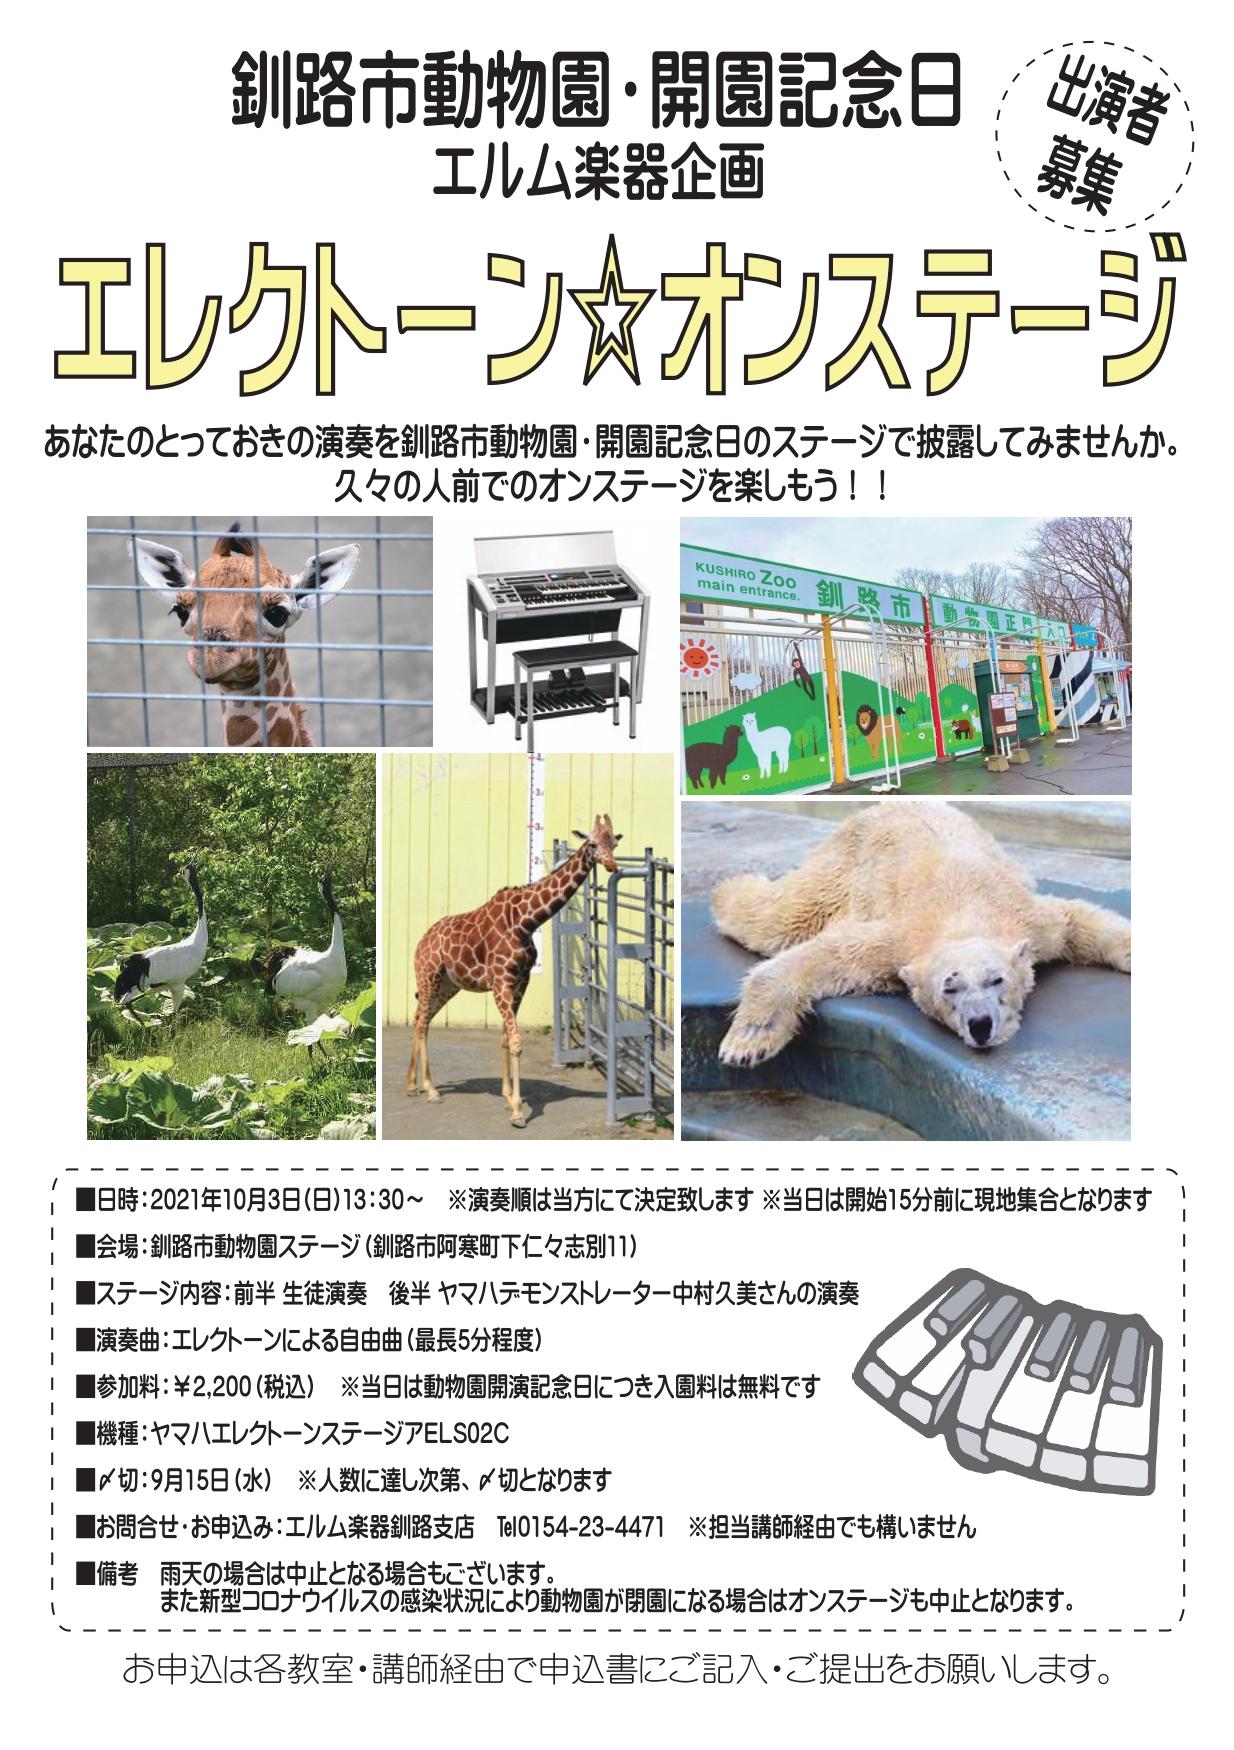 10月3日は釧路動物園へ!オンステージ出演者募集中♪